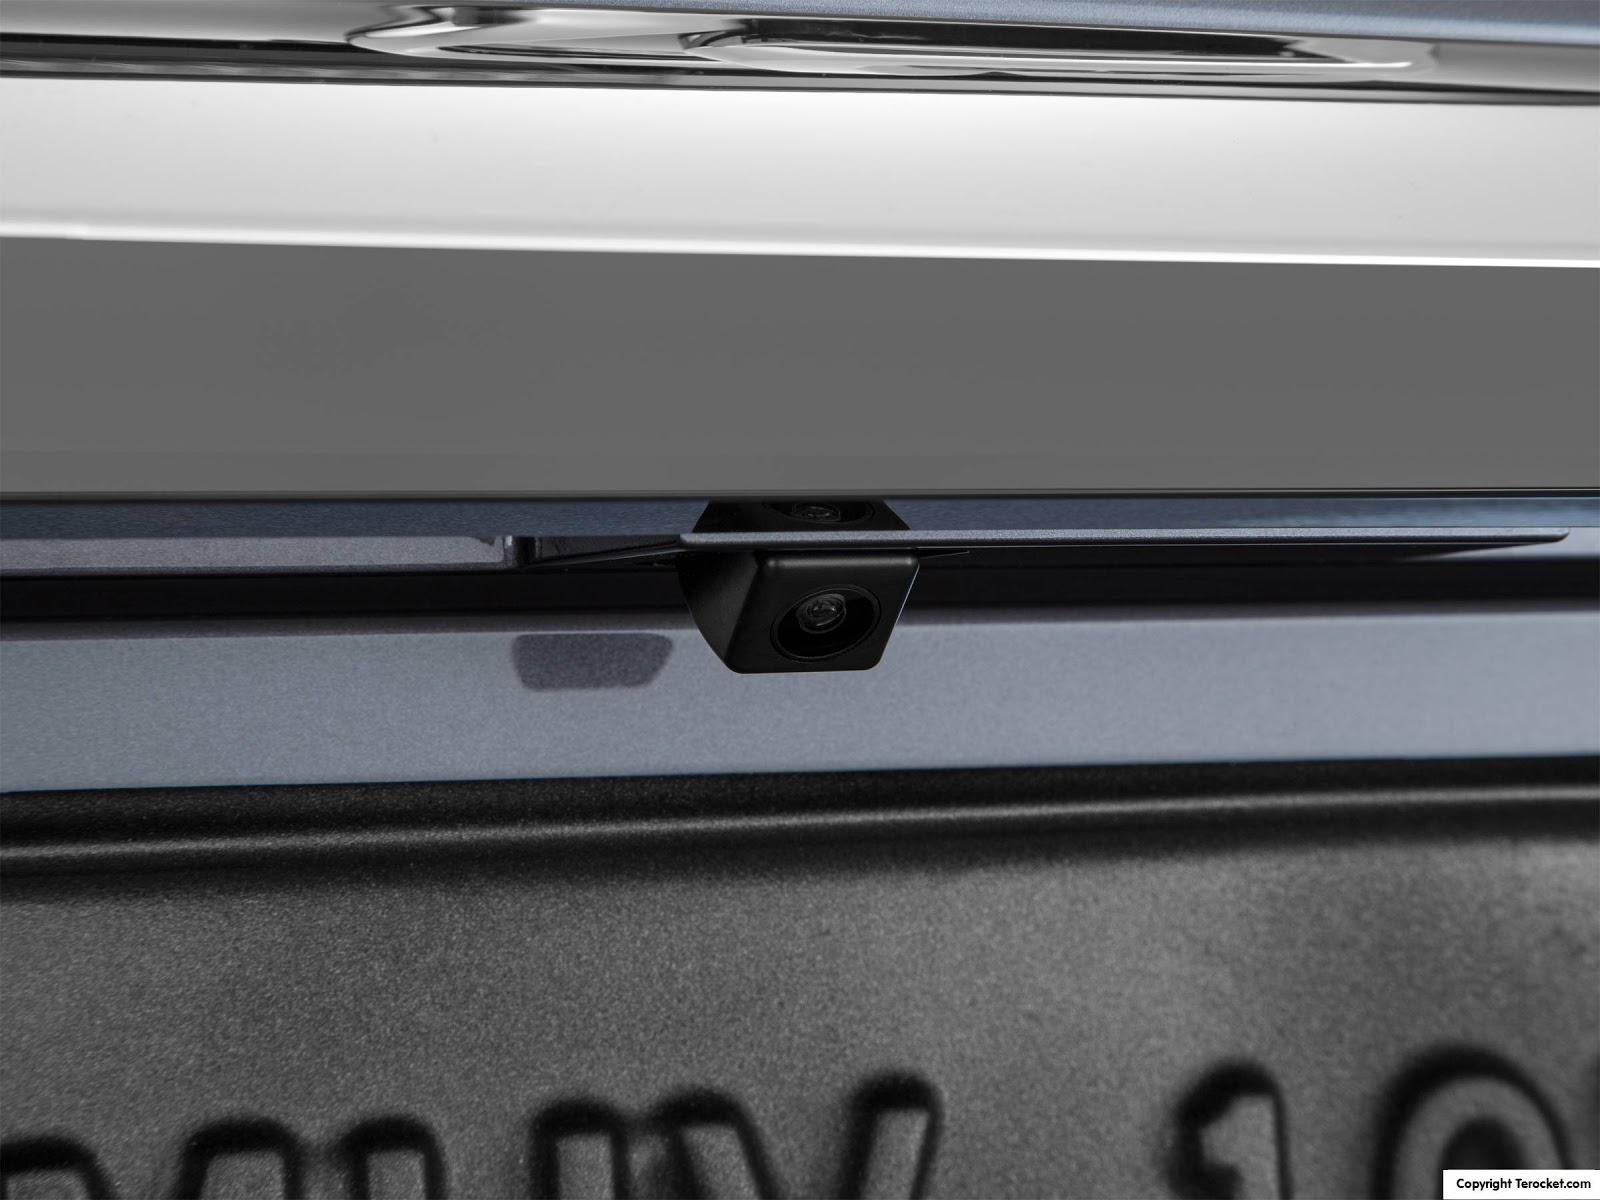 Hệ thống camera được lắp đầy đủ xung quanh xe